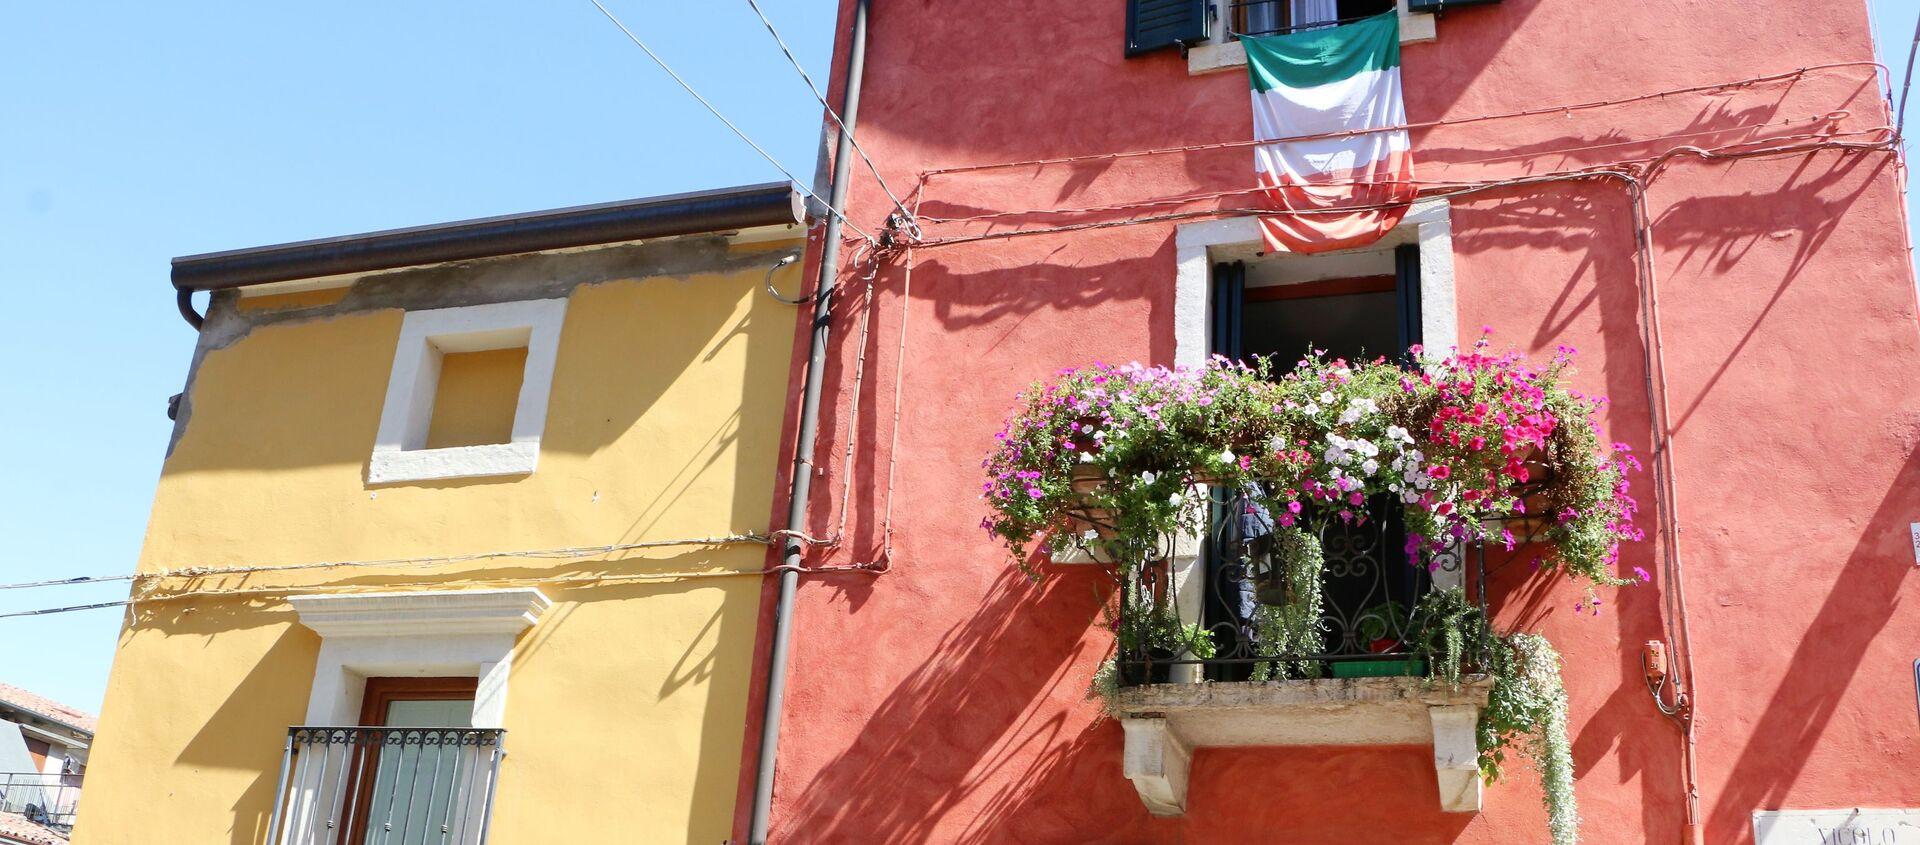 Le case con i balconi in Italia - Sputnik Italia, 1920, 19.03.2021